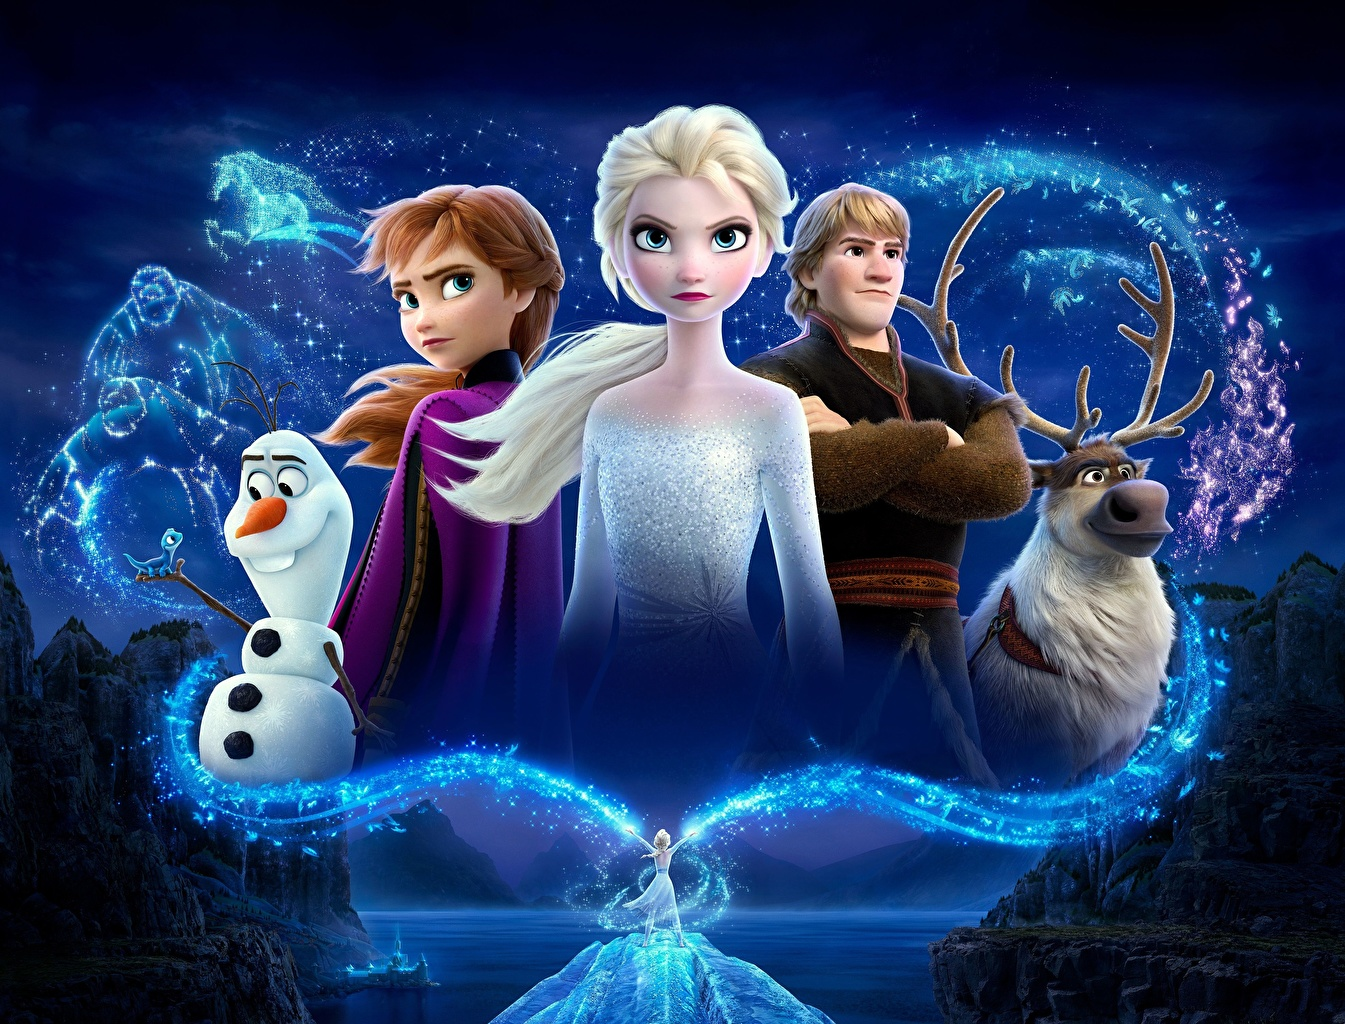 Фотография Дисней Холодное сердце Олени Парни Kristoff, Olaf, Sven, Anna, Elsa 3д Мультики молодые женщины Снеговики Disney юноша парень подросток мультик девушка Девушки 3D Графика Мультфильмы молодая женщина снеговик снеговика